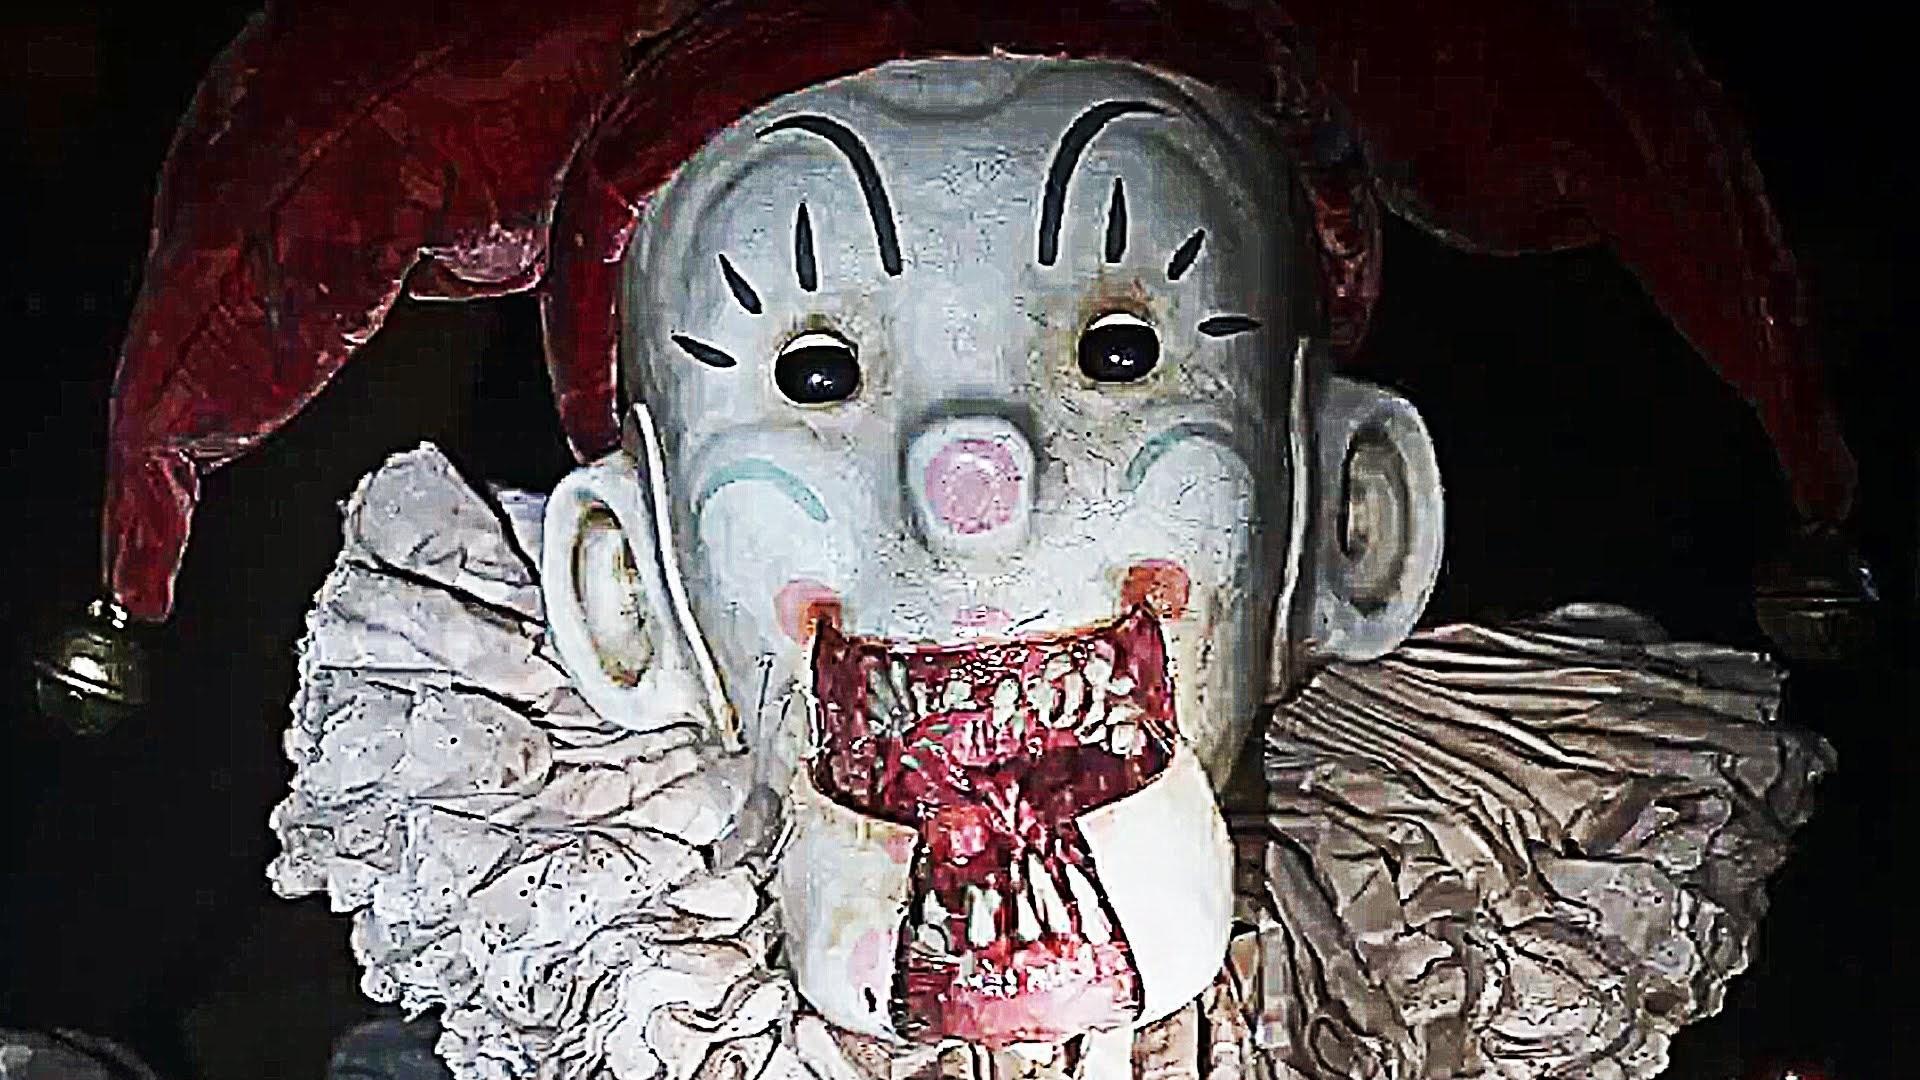 1920x1080, Story,krampus, Monster, Horror, Christmas, - Jack In The Box Horror - HD Wallpaper